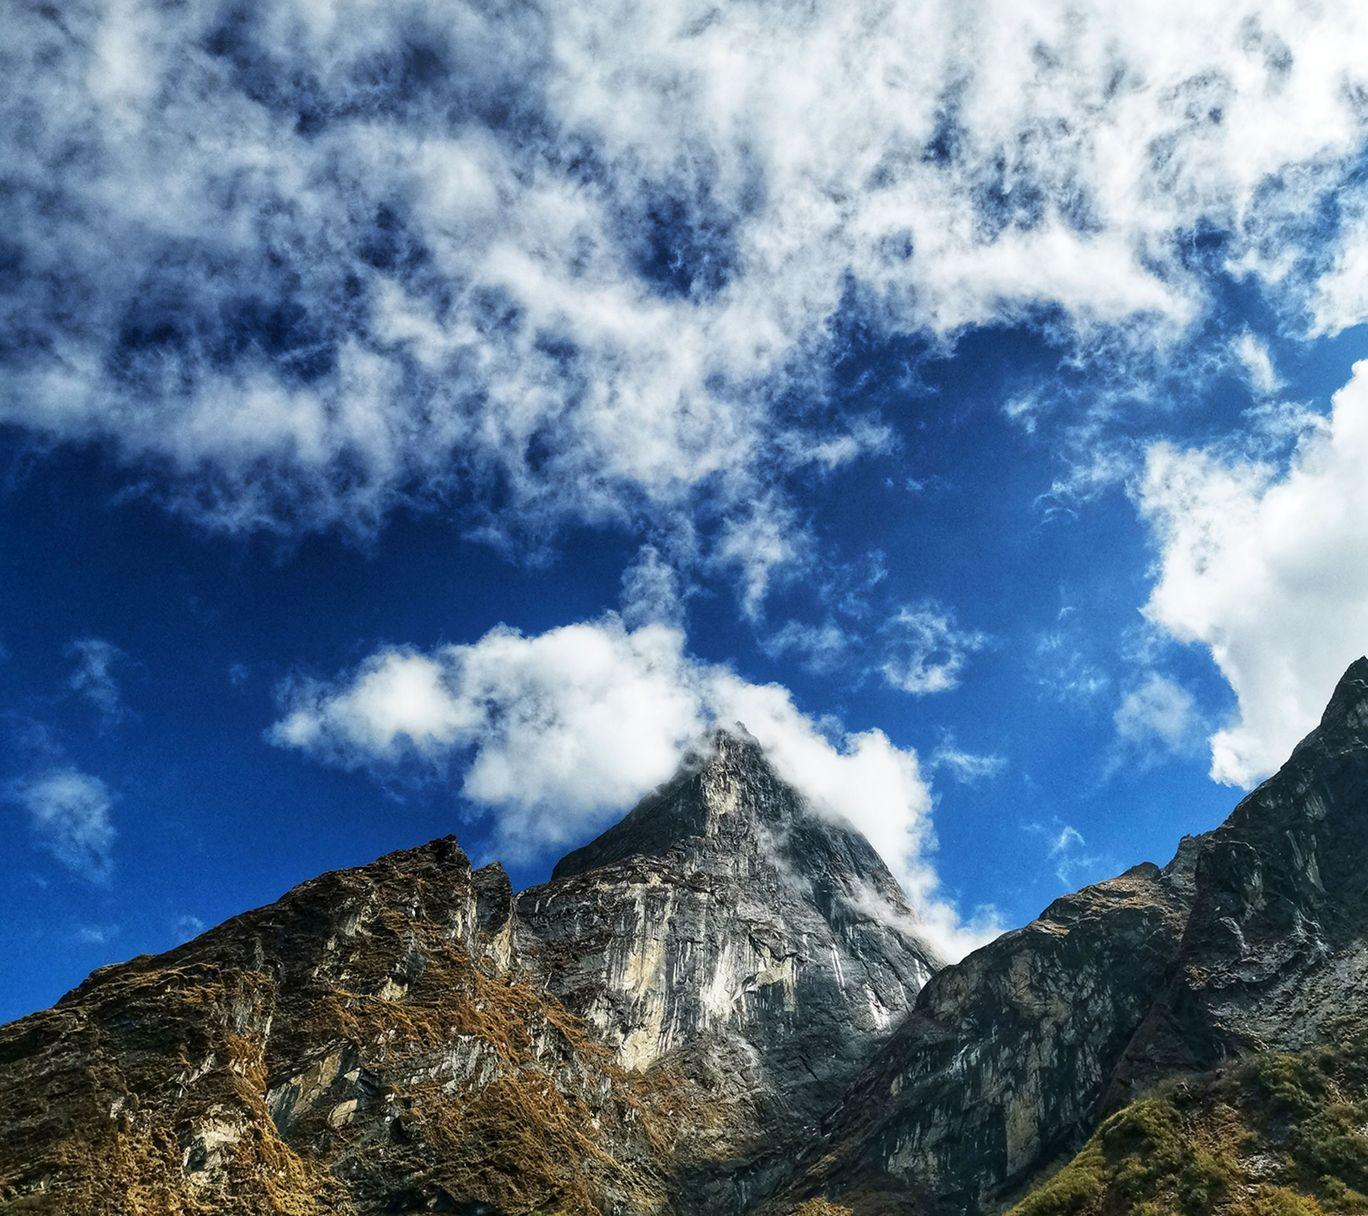 Photo of Himachal Pradesh By Shreyam Mukherjee